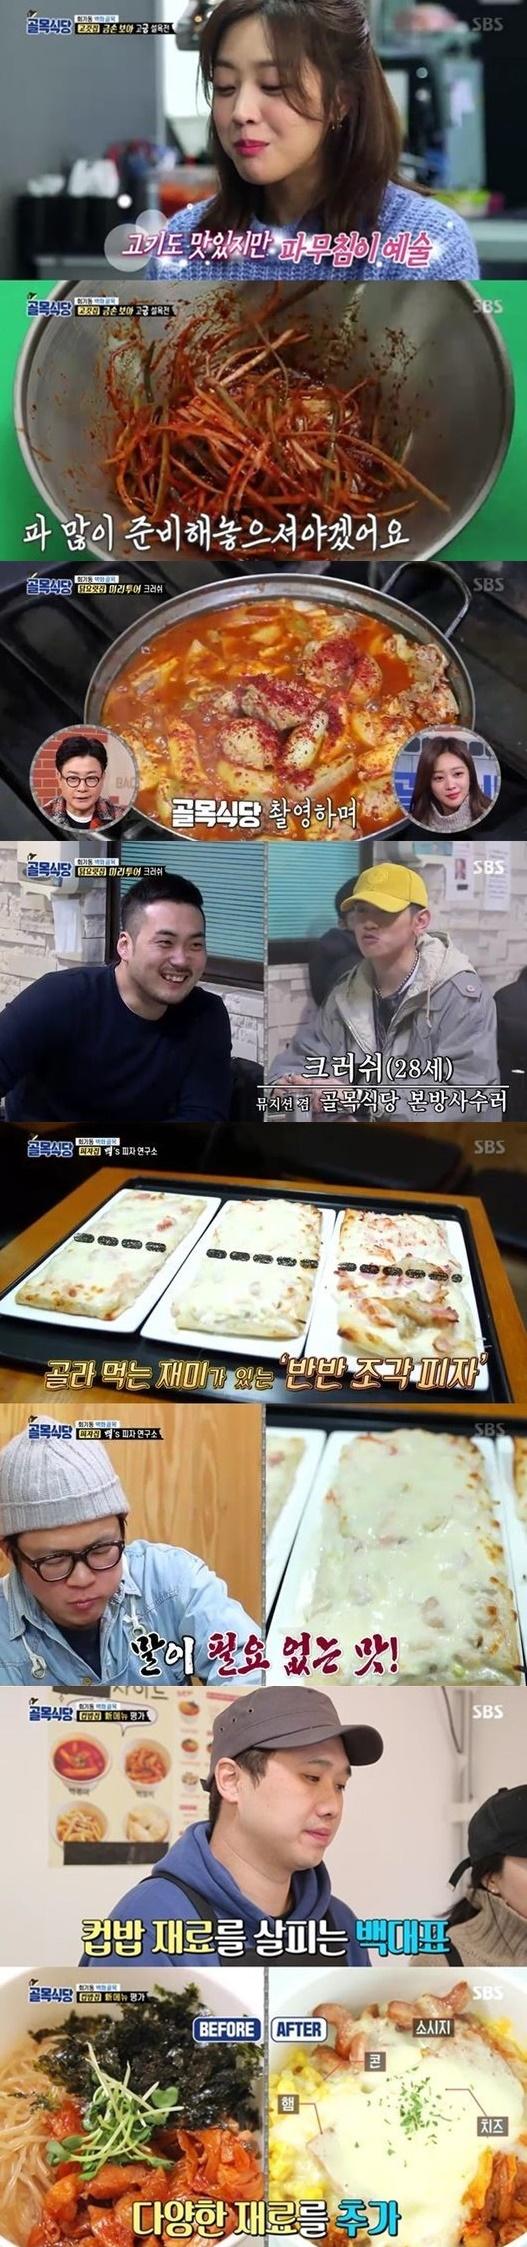 [TV북마크] 달라진 '컵밥집', 백종원표 솔루션 예고…최고의 1분